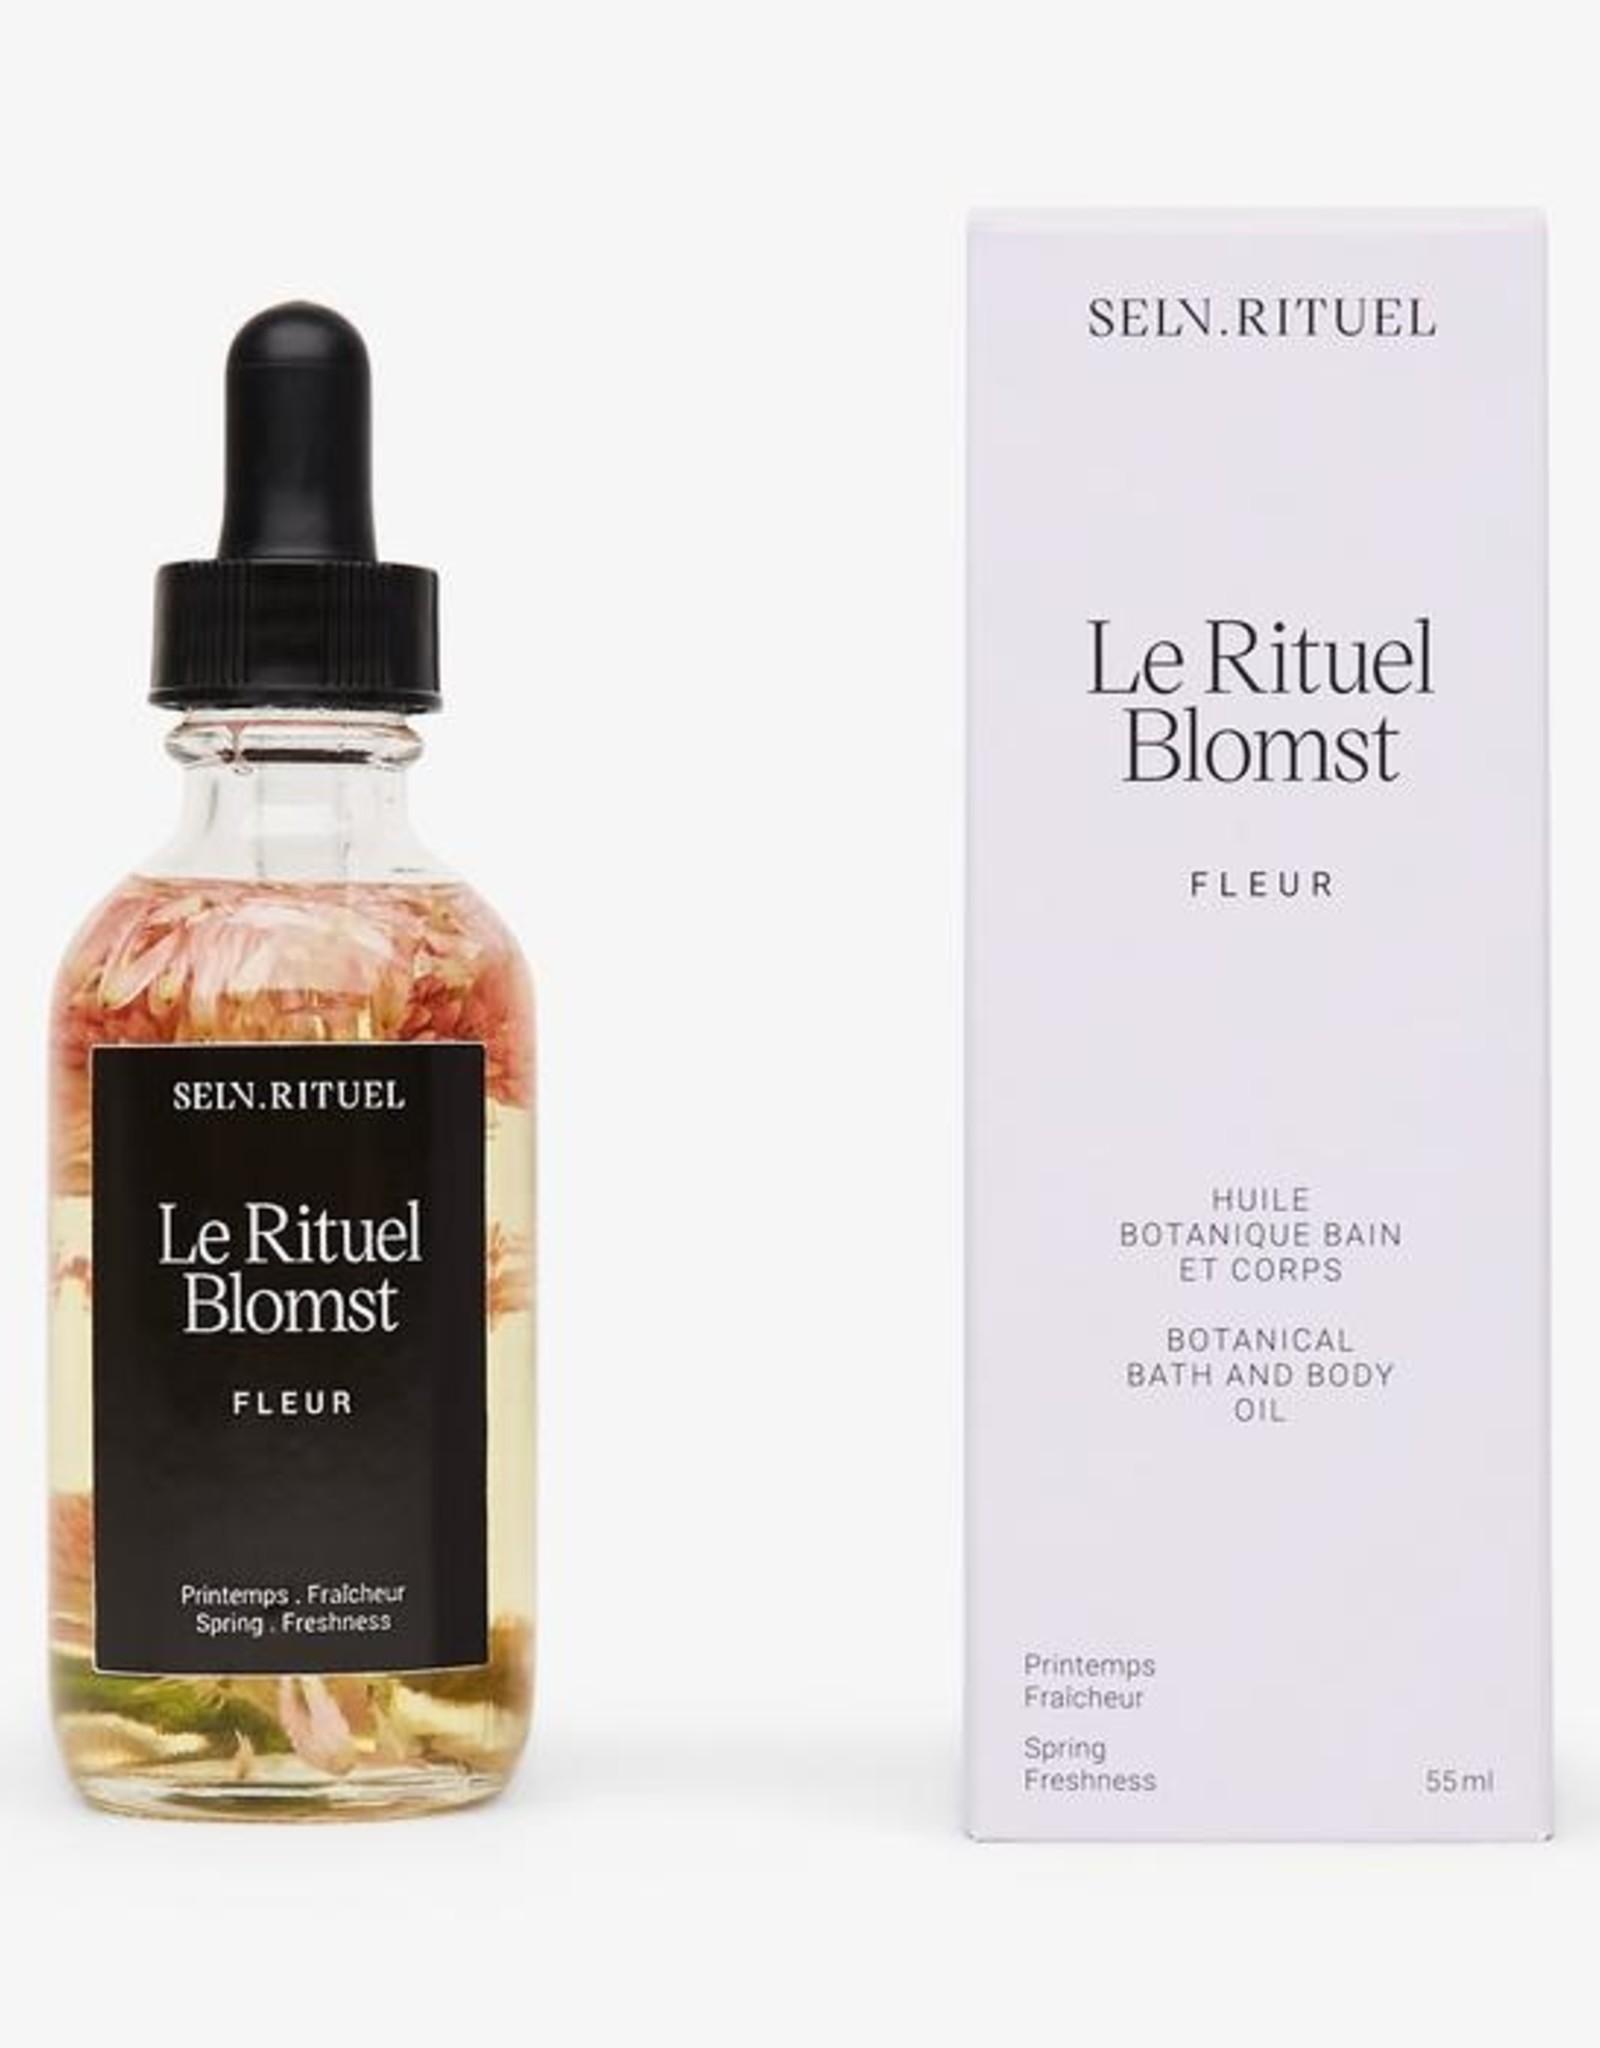 SELV - Huile botanique - Rituel Blomst